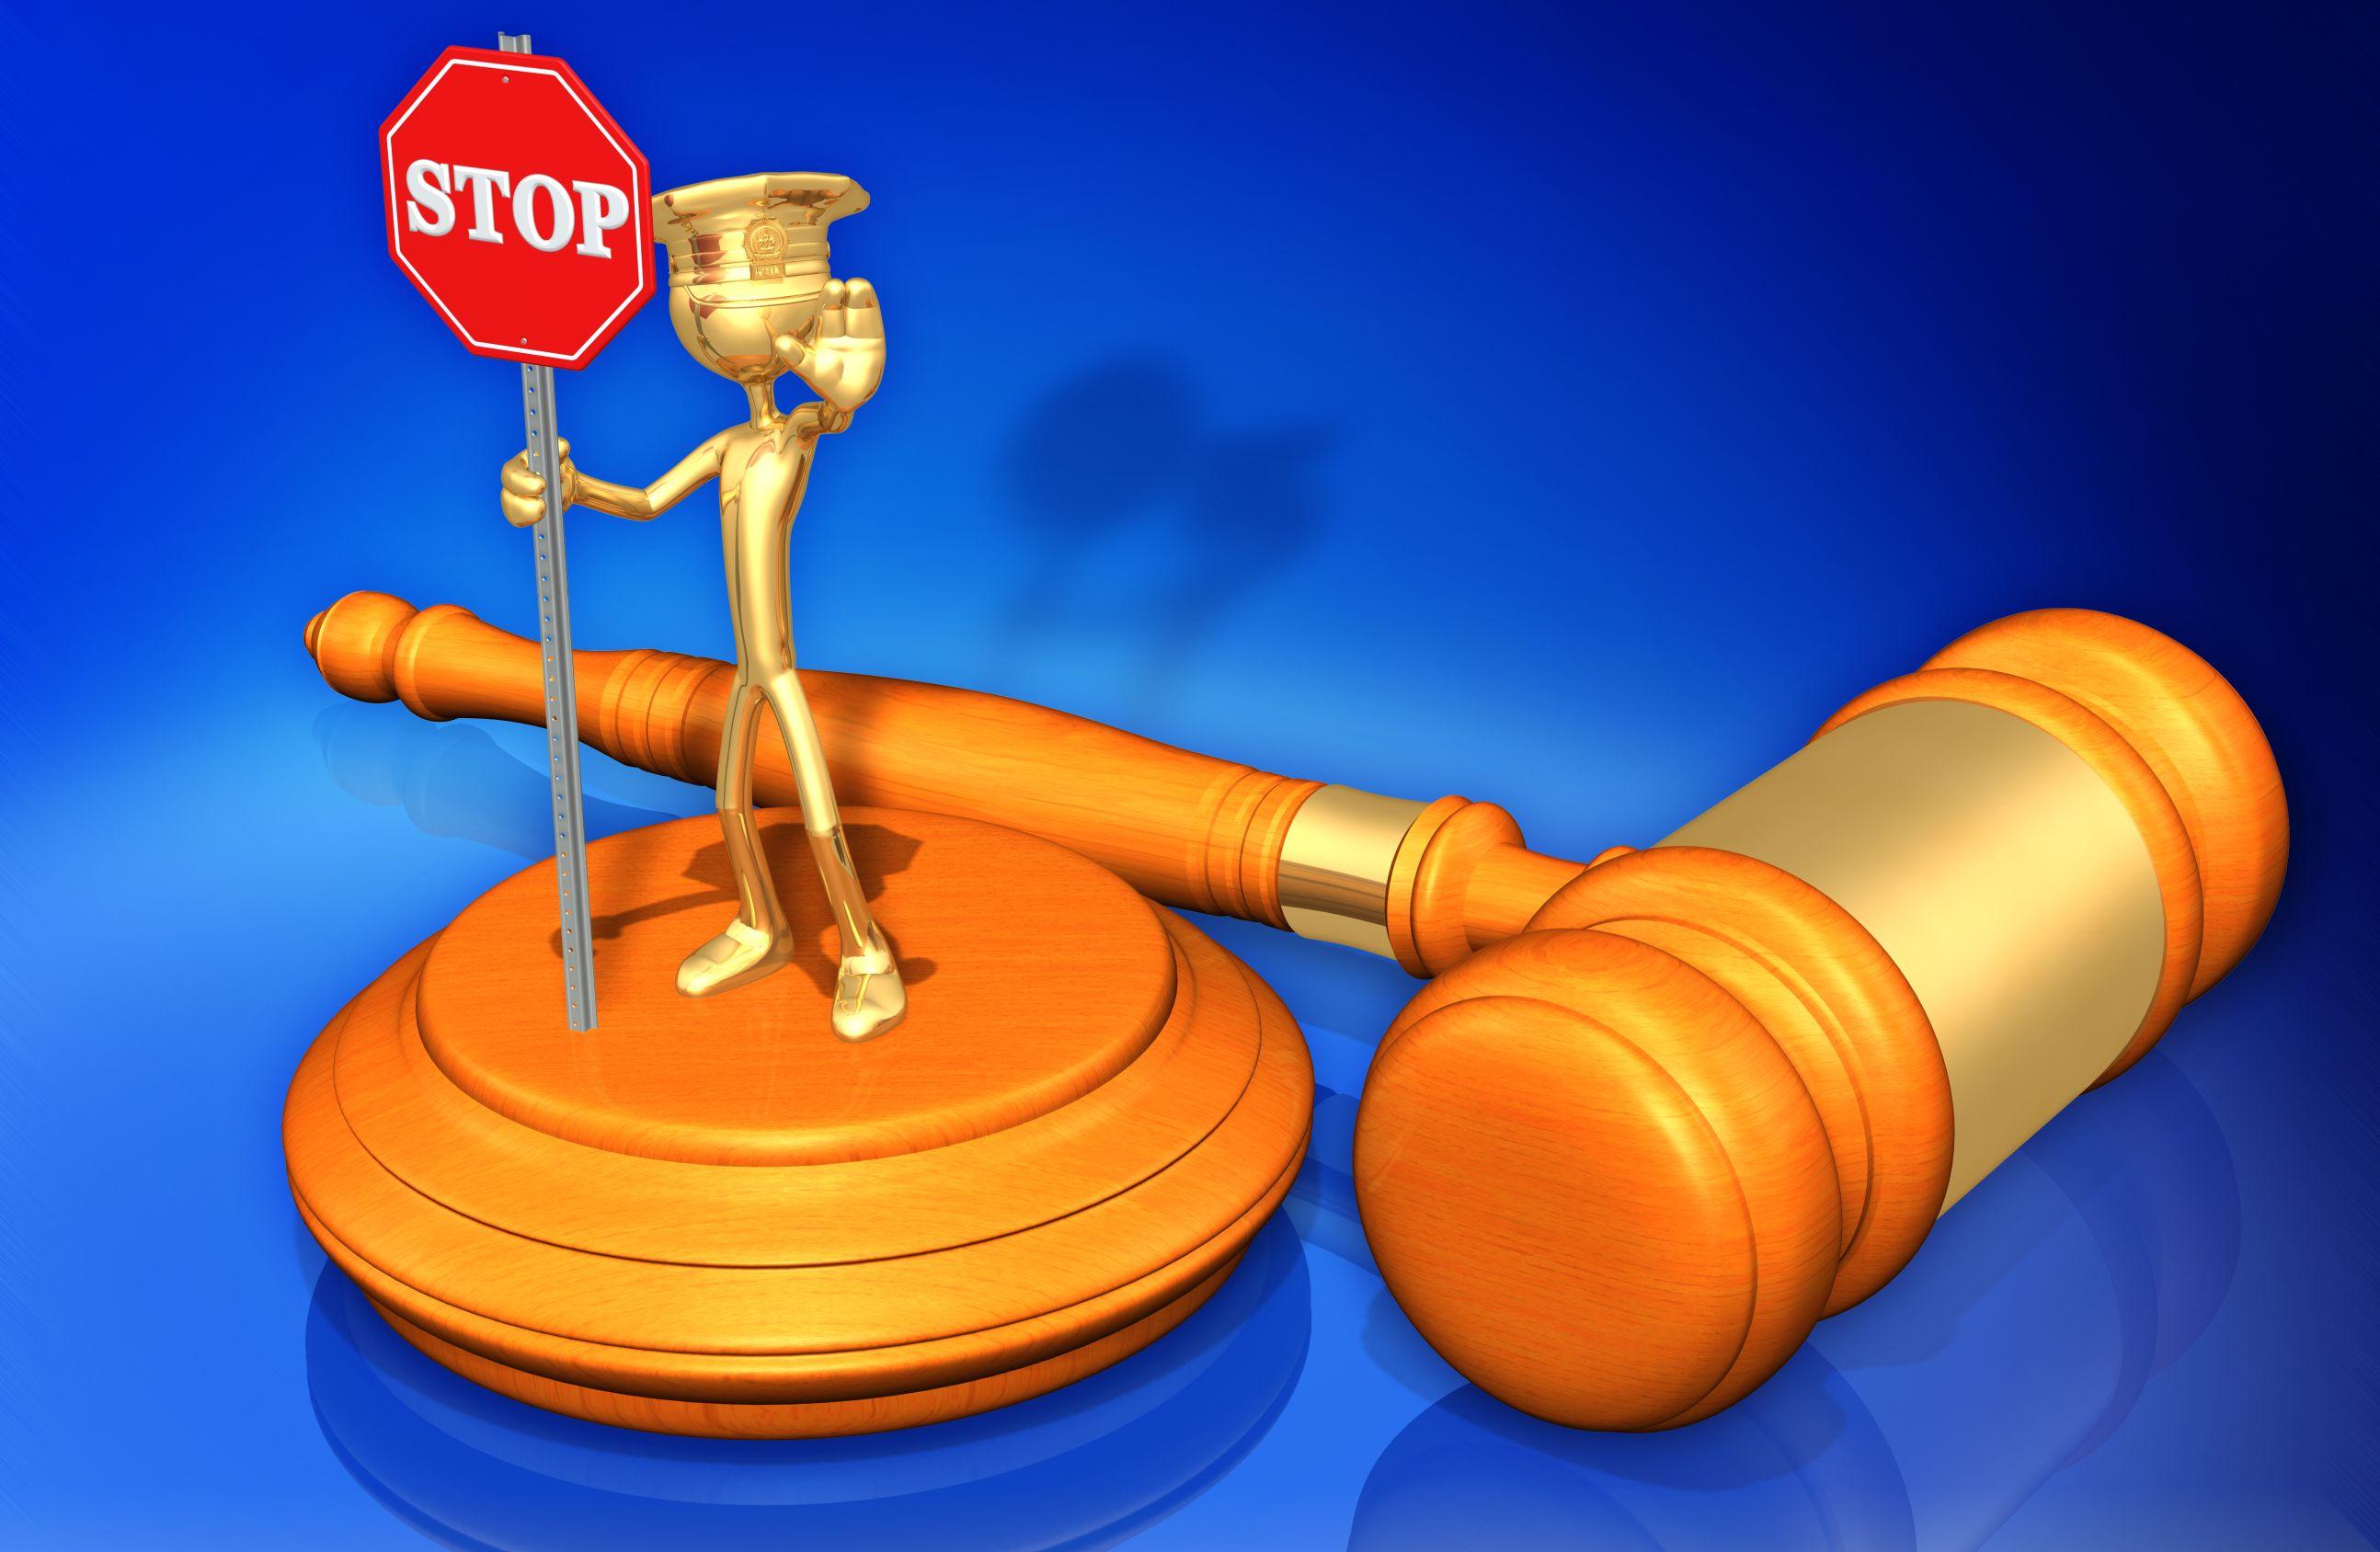 best-attorneys-lawyers-traffic-law-scottsdale-az-usa